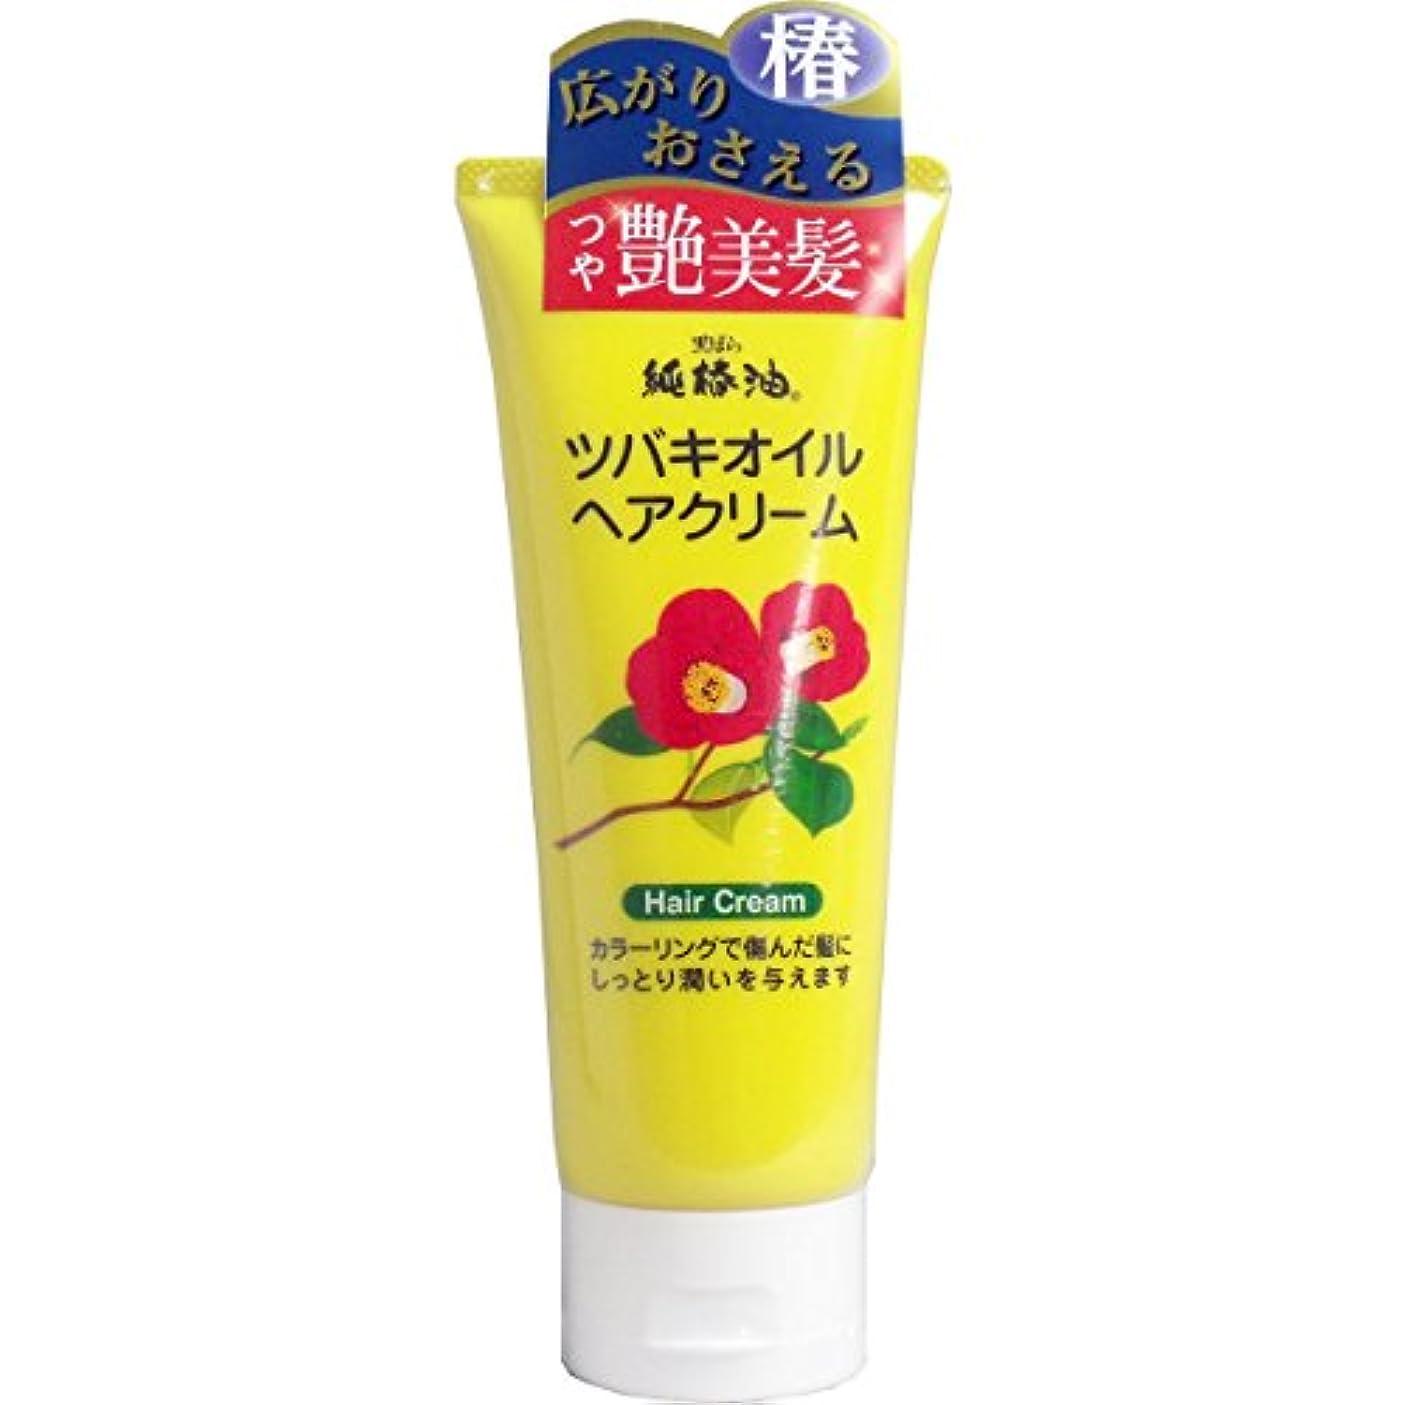 有毒なとして咳ツバキオイルヘアクリーム 150g × 10個セット